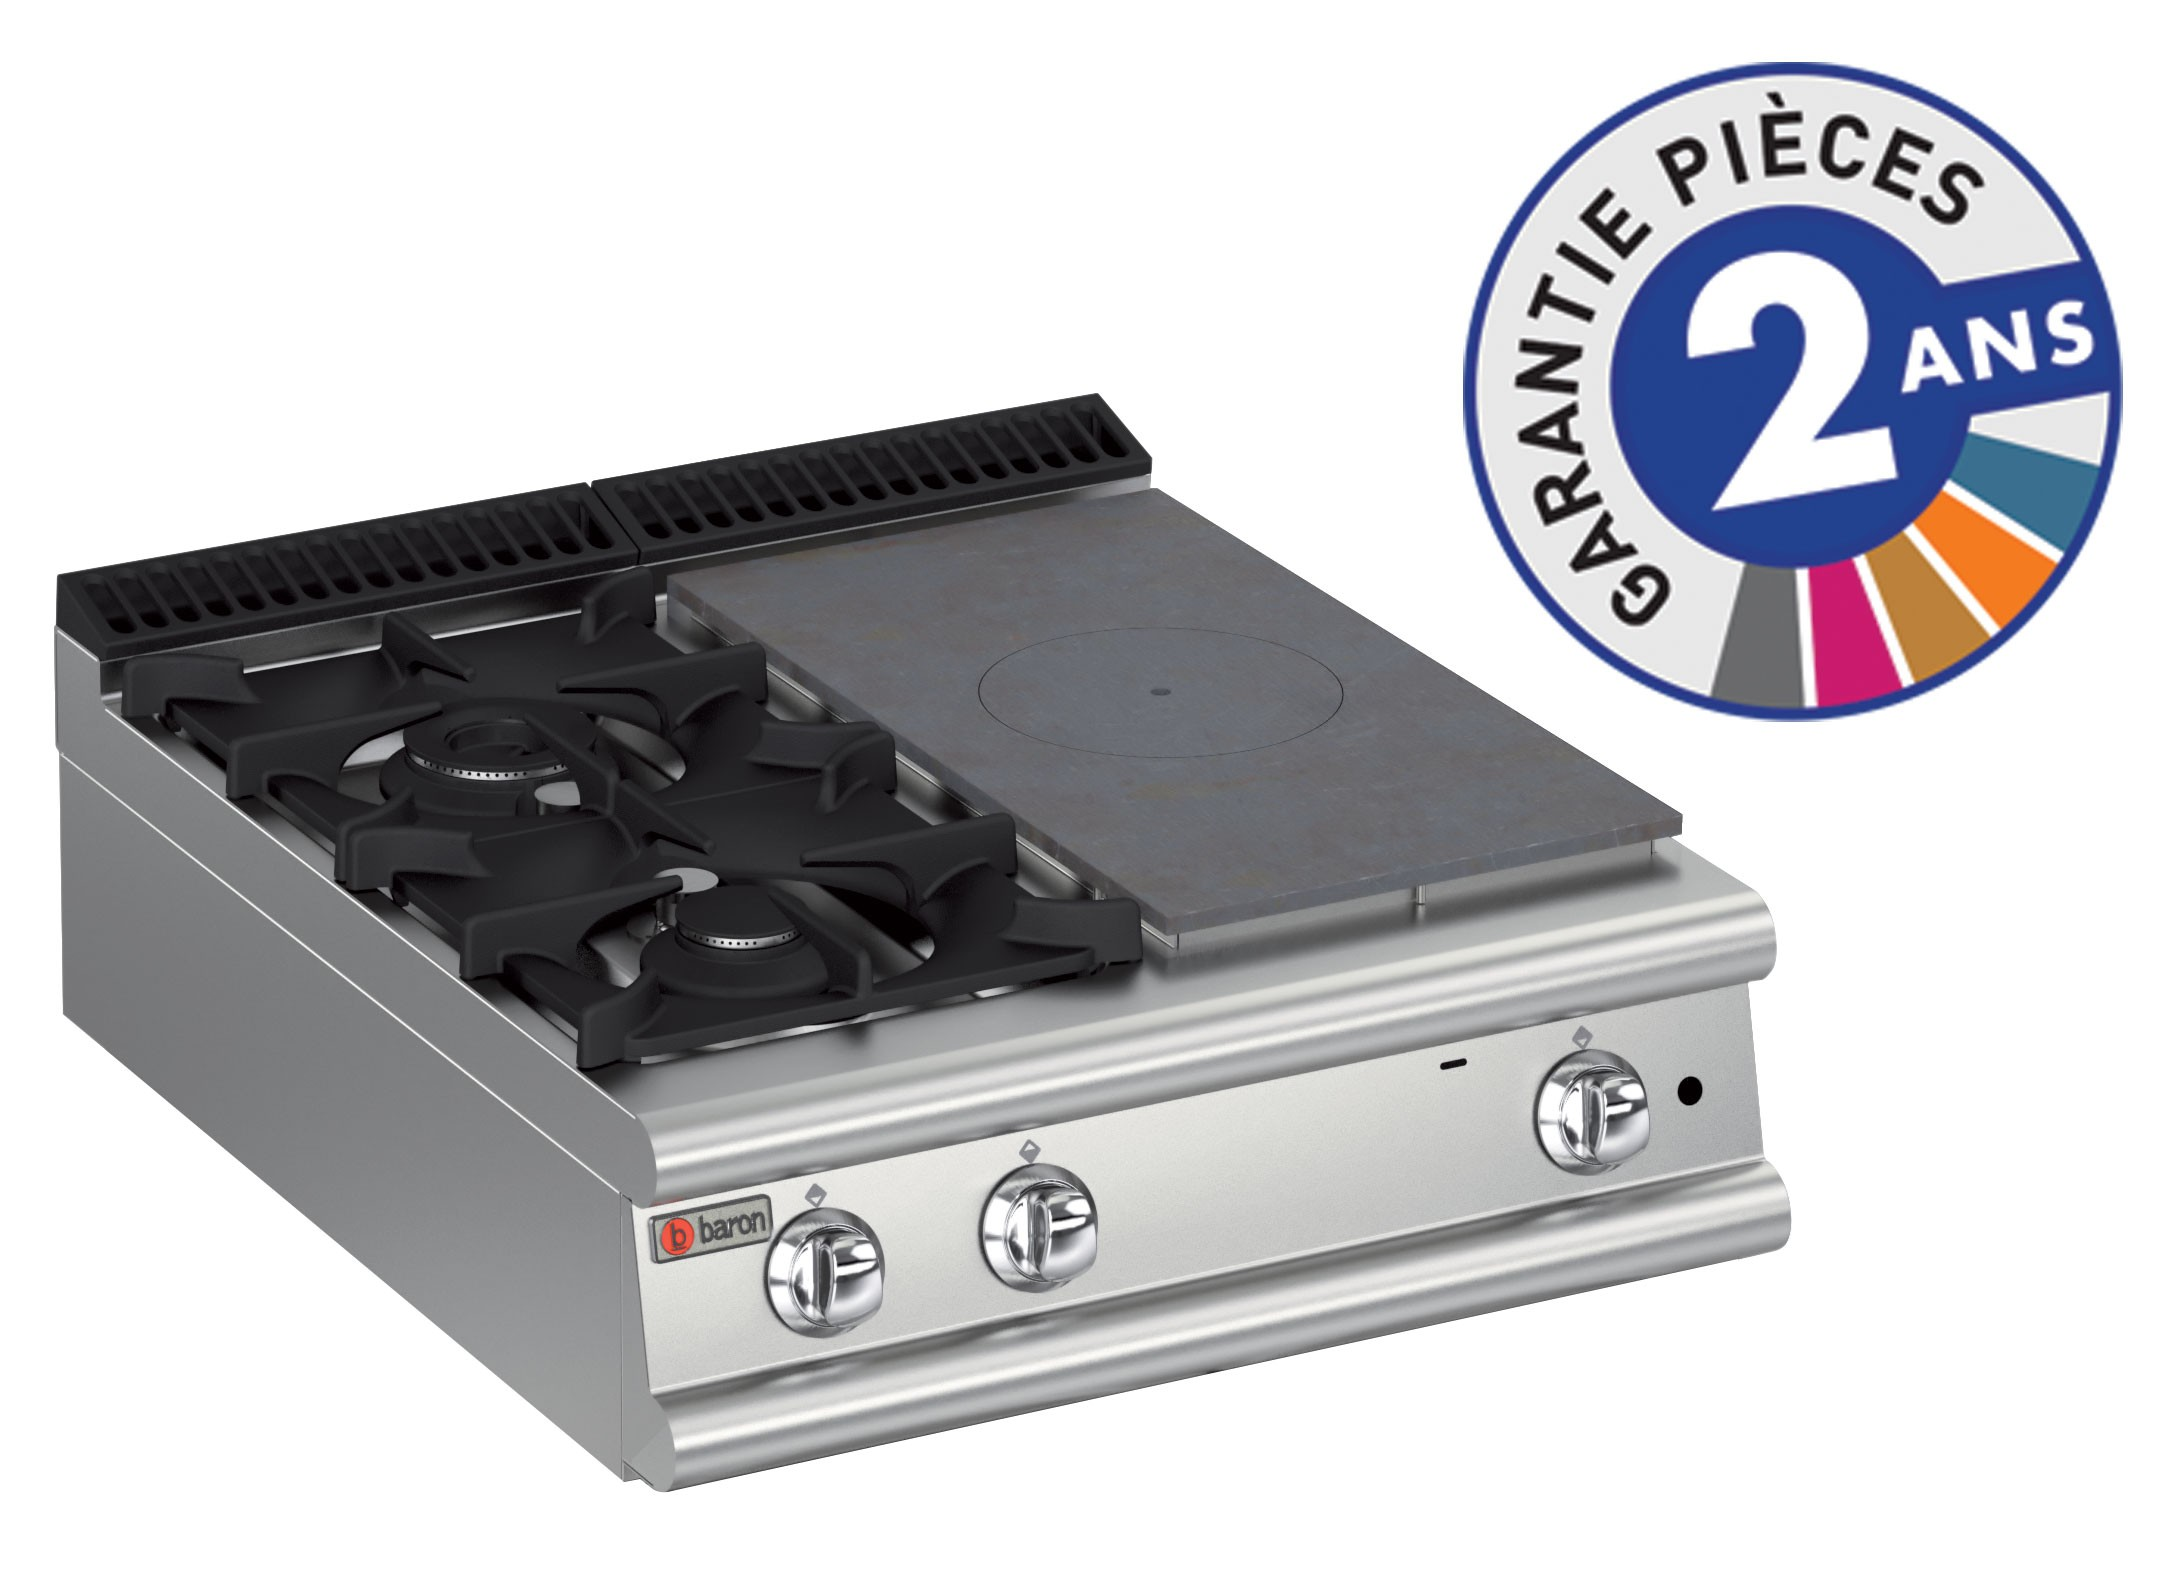 Baron gamme 900 top 2 feux vifs gaz et 1 2 plaque coup de feu - Plaque de cuisson gaz deux feux ...